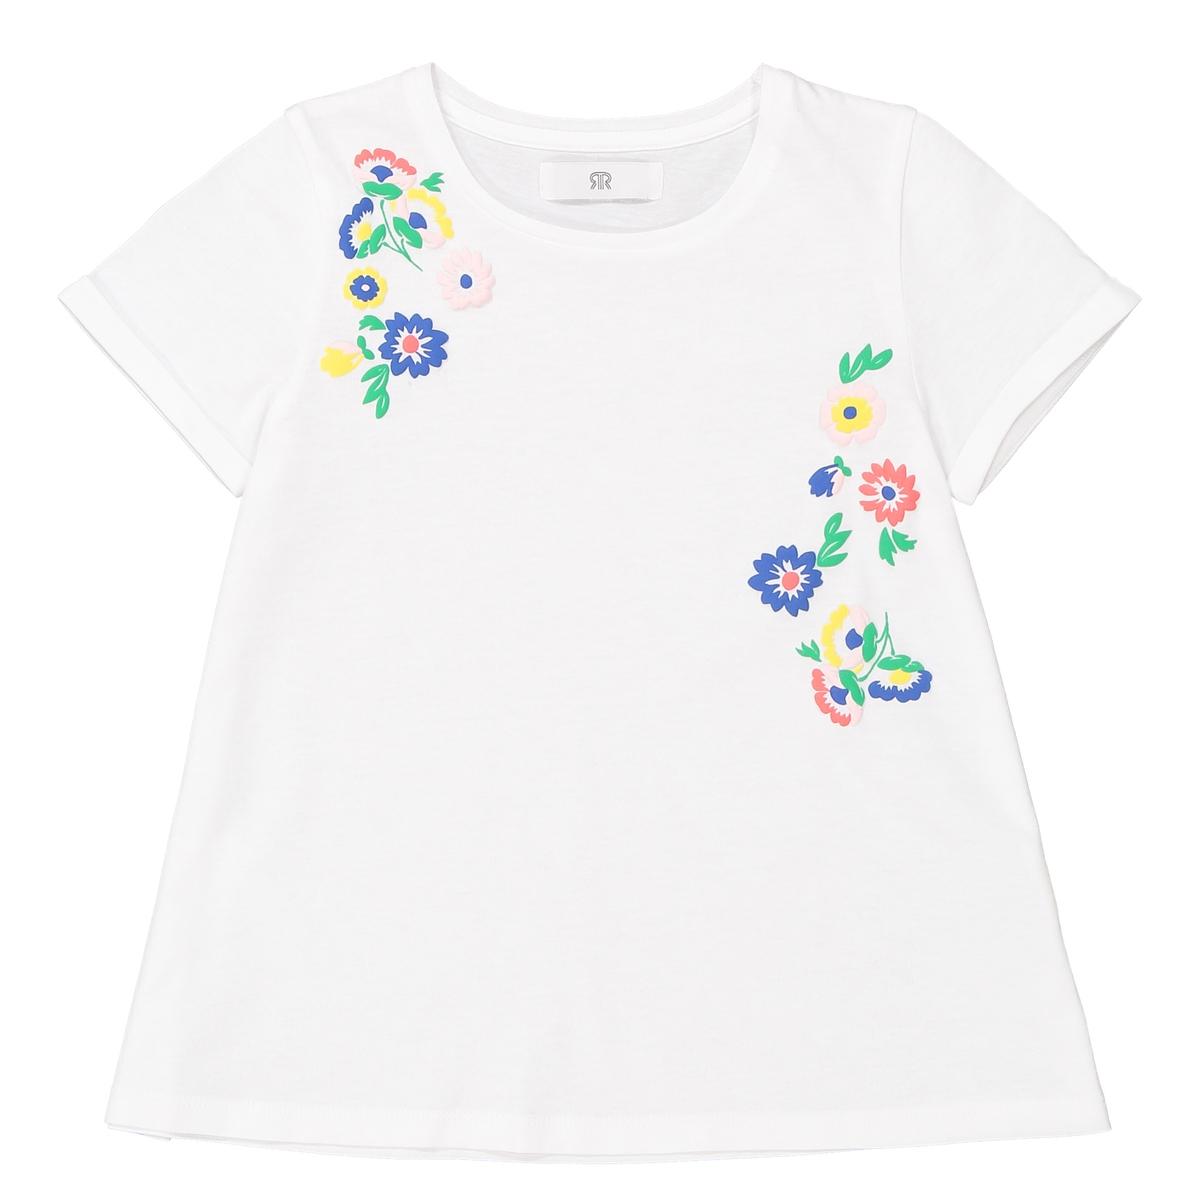 Футболка с цветочной вышивкой, 3-12 лет футболка с вышивкой и воланами 3 12 лет